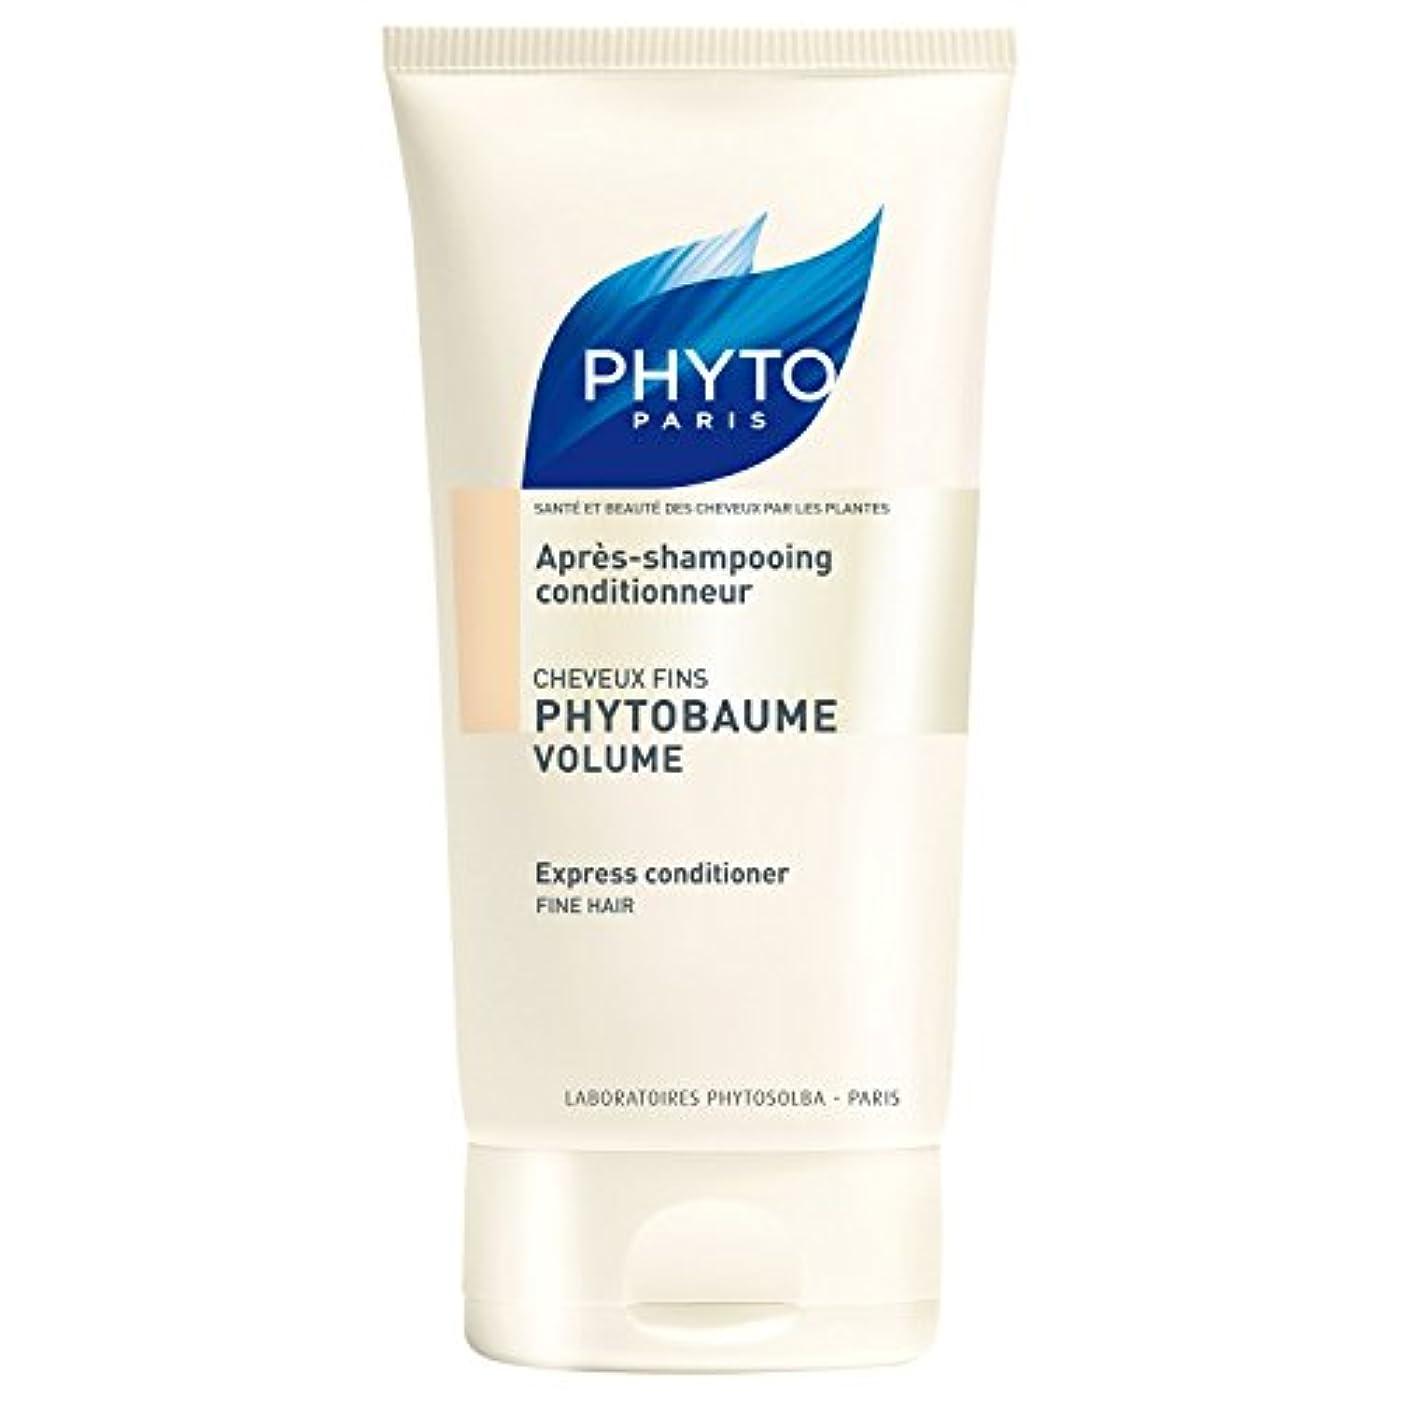 輝度六月バイオレット細い髪の150ミリリットルのためのフィトPhytobaumeボリュームエクスプレスコンディショナー (Phyto) - Phyto Phytobaume Volume Express Conditioner for Fine...